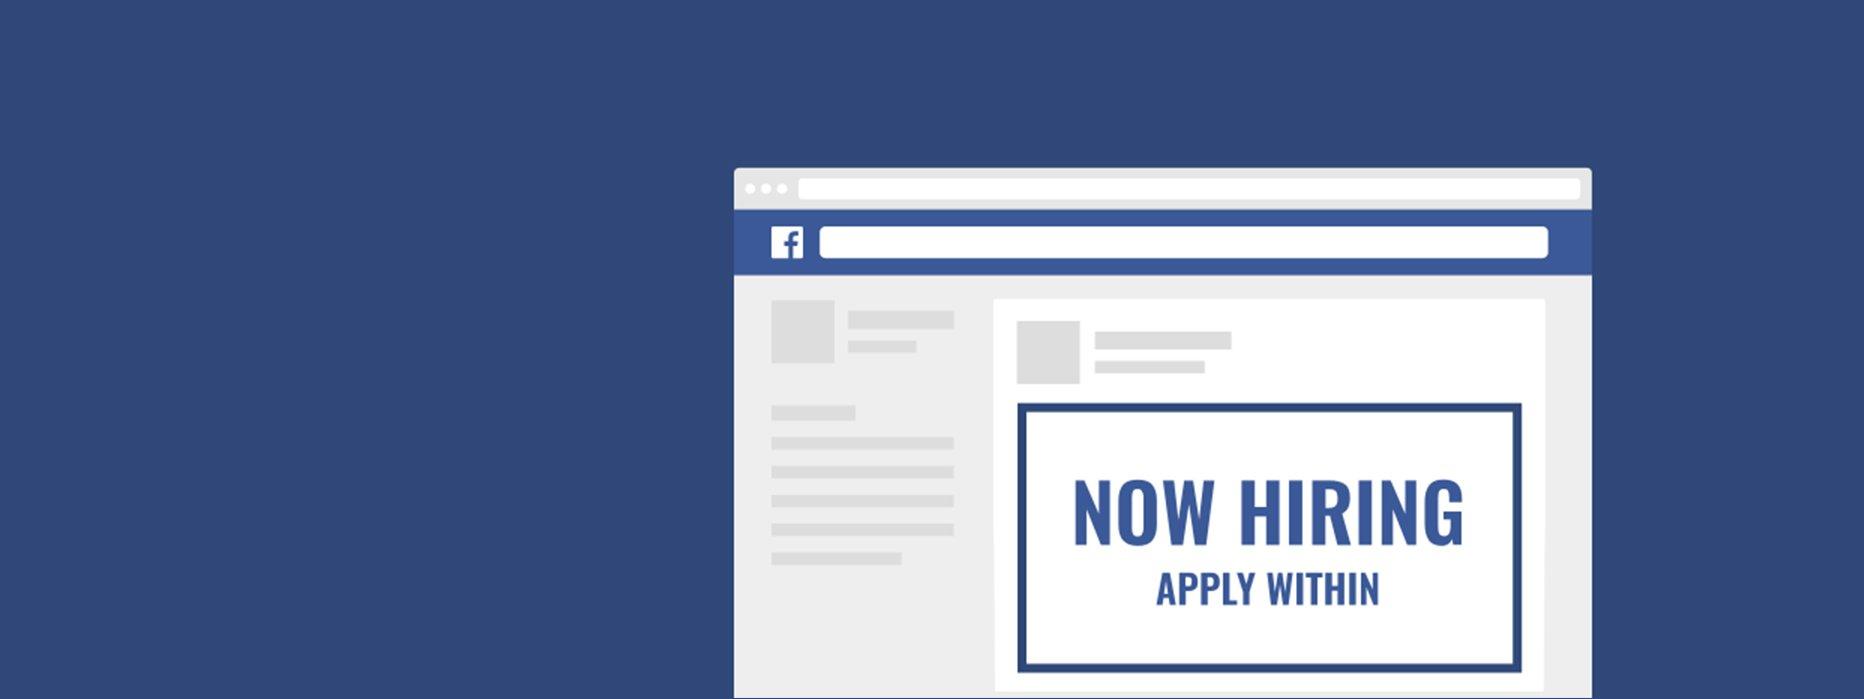 Facebook Advertising voor recruiters: werving via social media